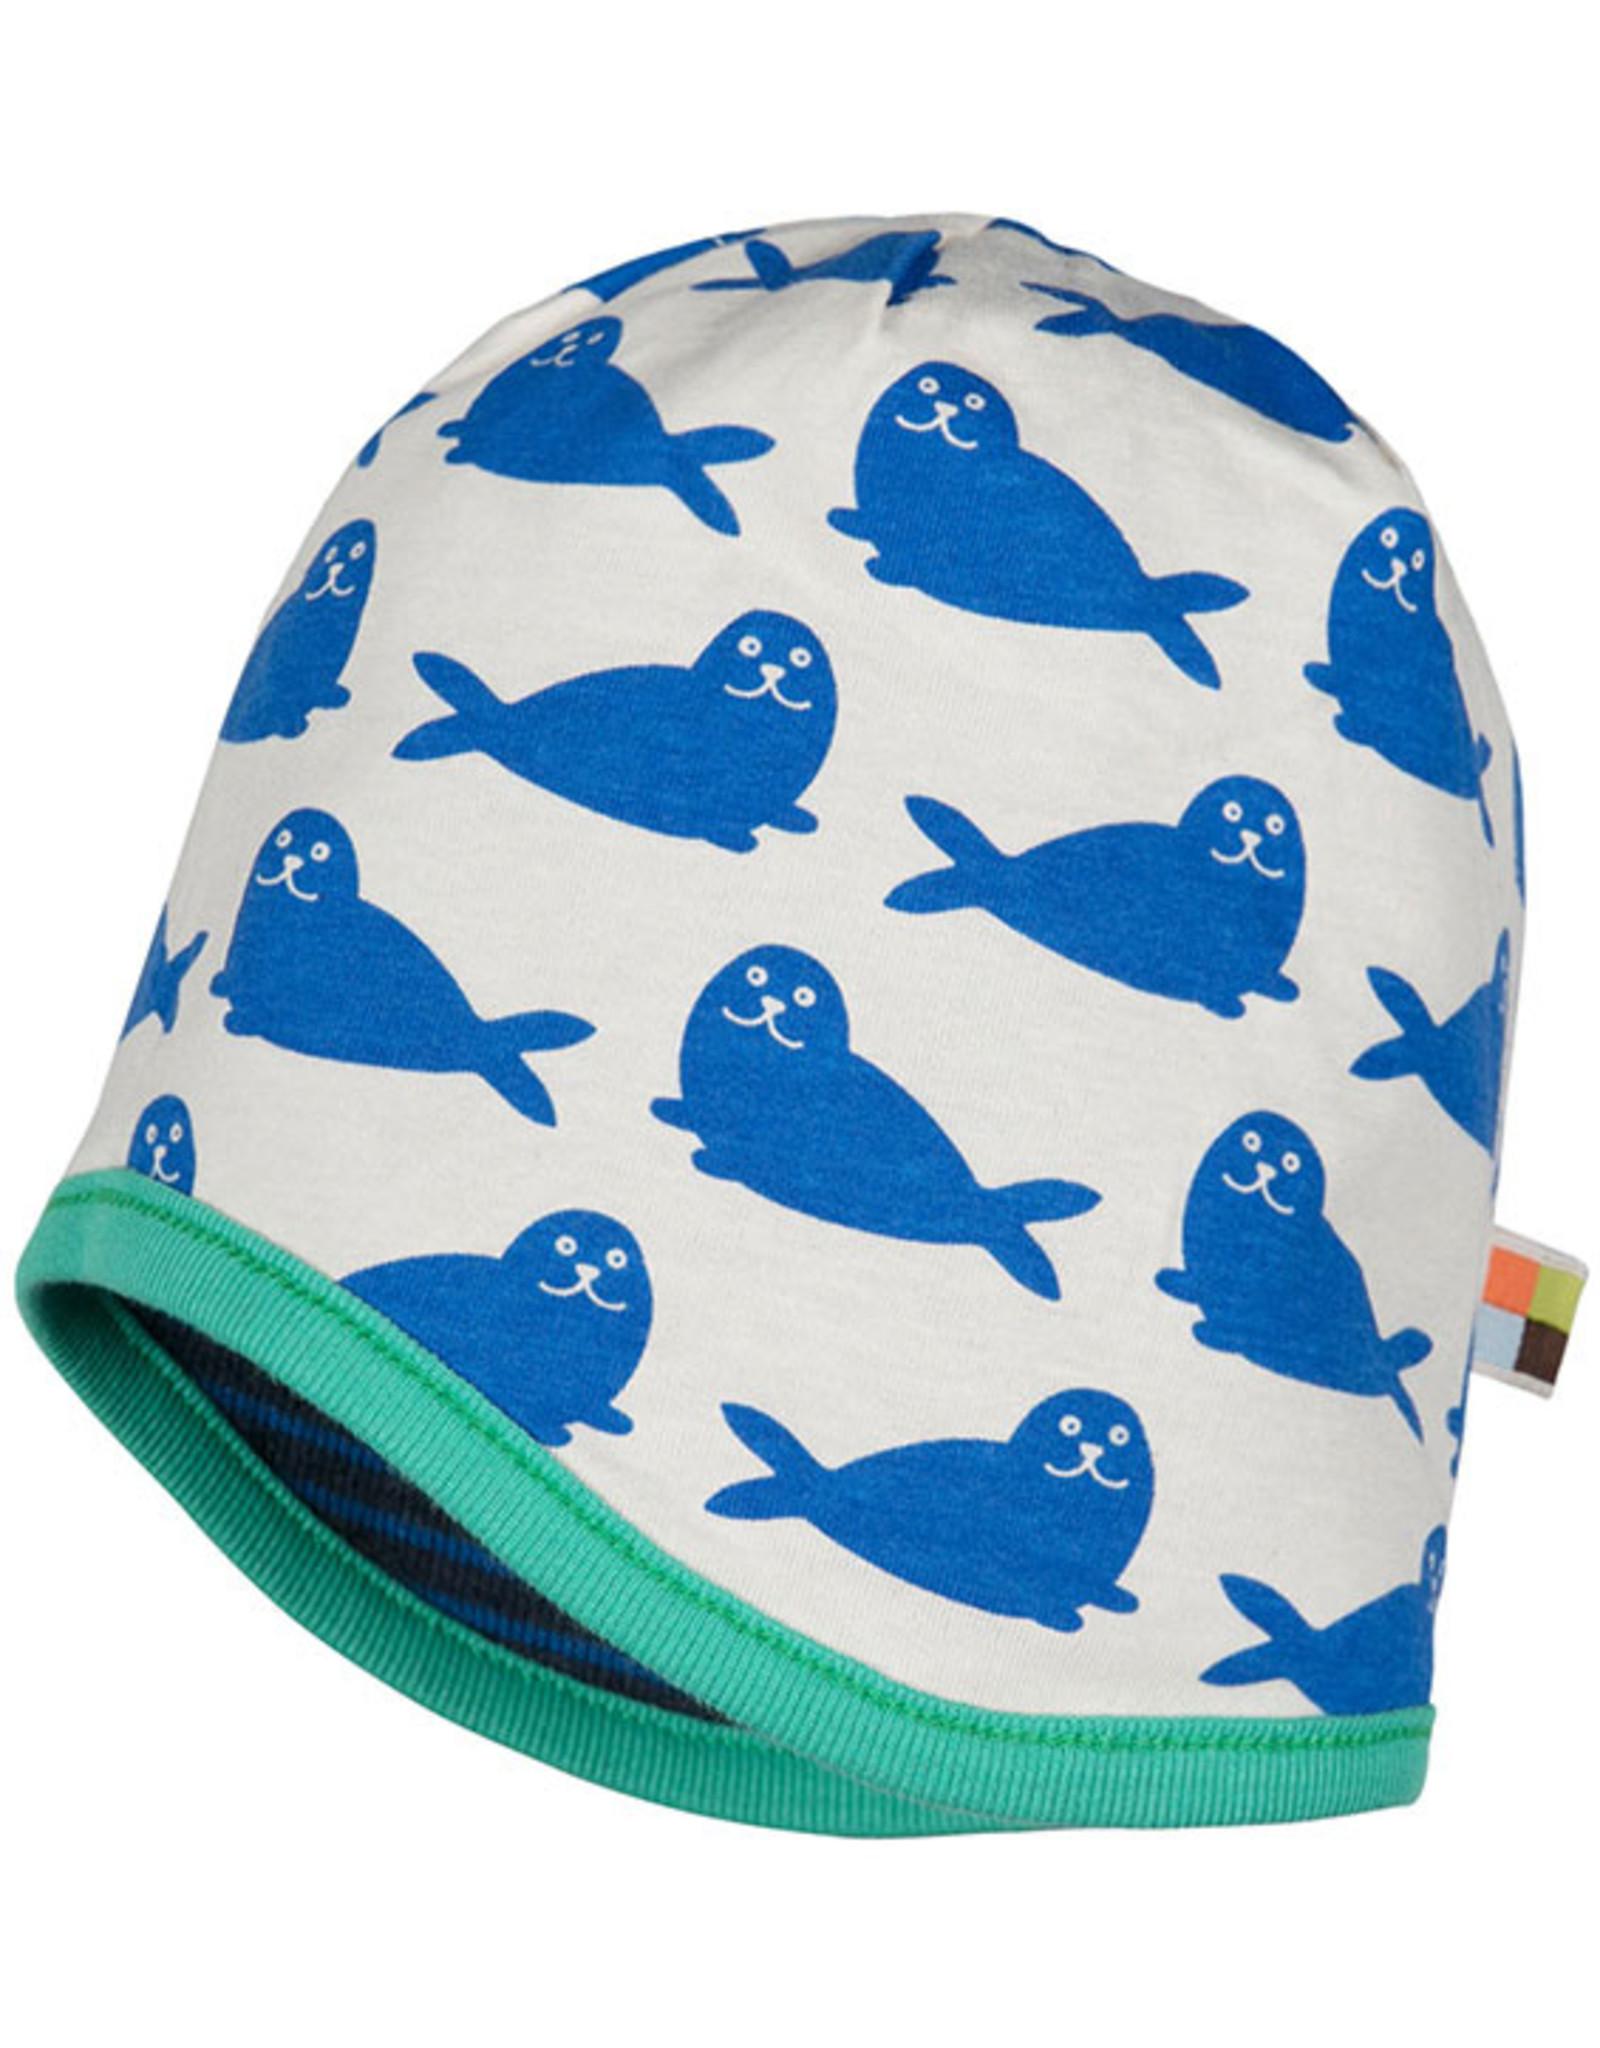 loud+proud Kinder mutsje - donkerblauw met zeehonden